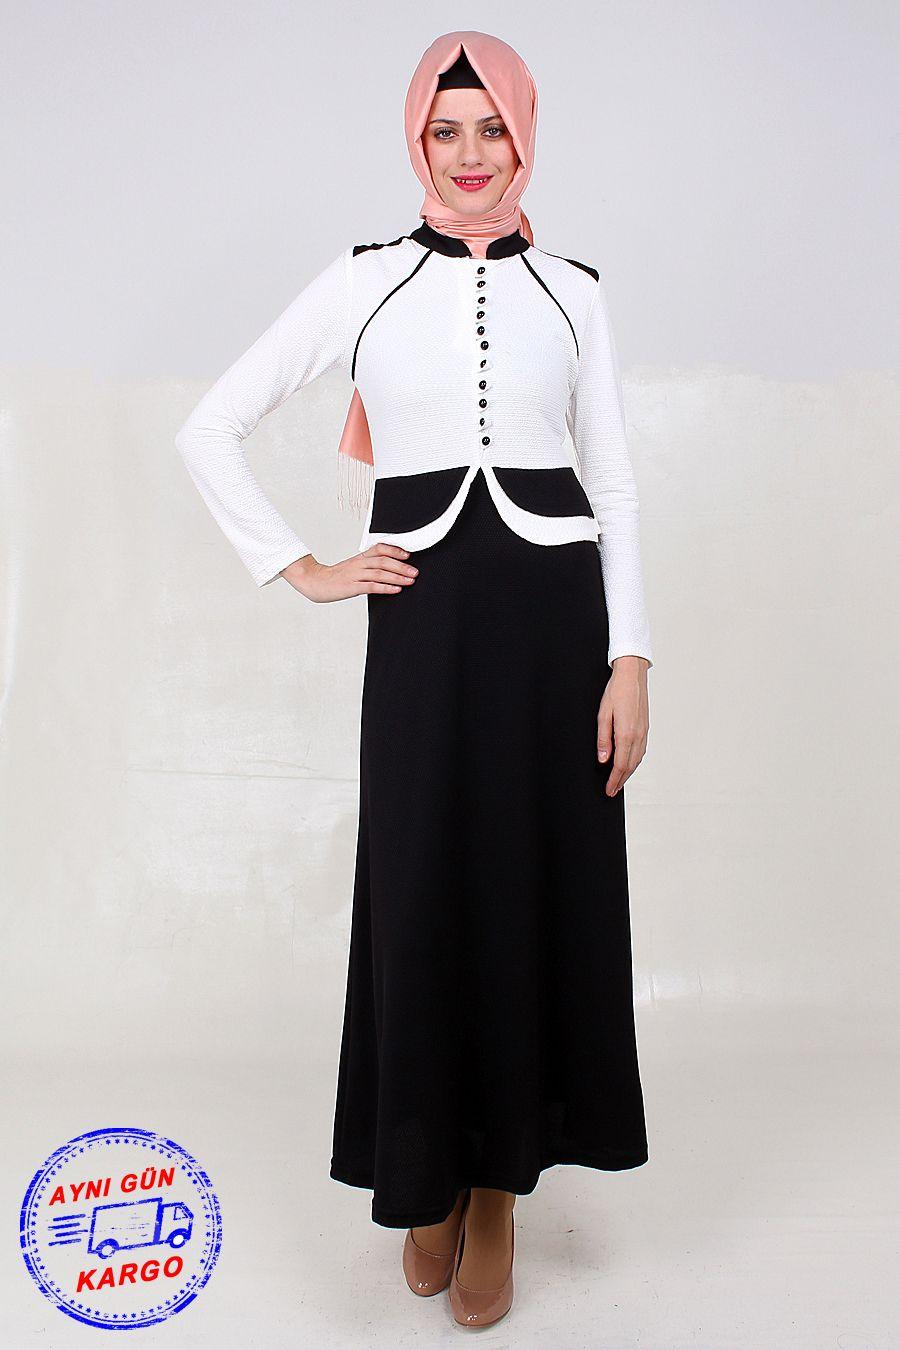 c31b028bbd610 Önü Boyunca Düğmeli Tesettür Elbise Modeli Siyah-Beyaz Petek Örme Kumaştan  Üretilmiş Olup 140 cm